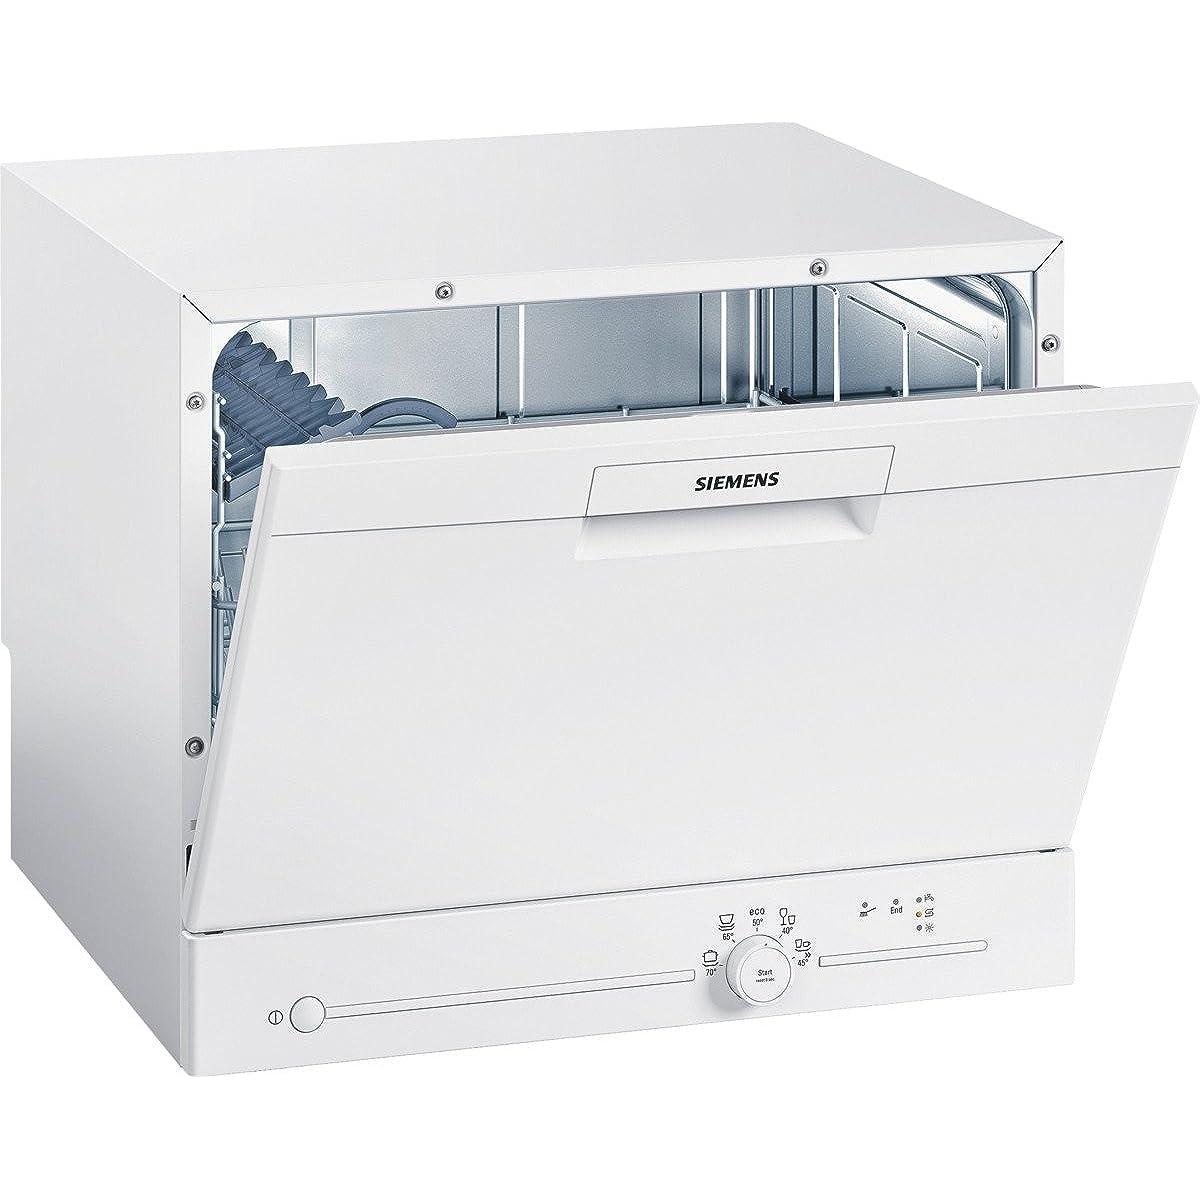 Siemens SK25E203EU iQ100